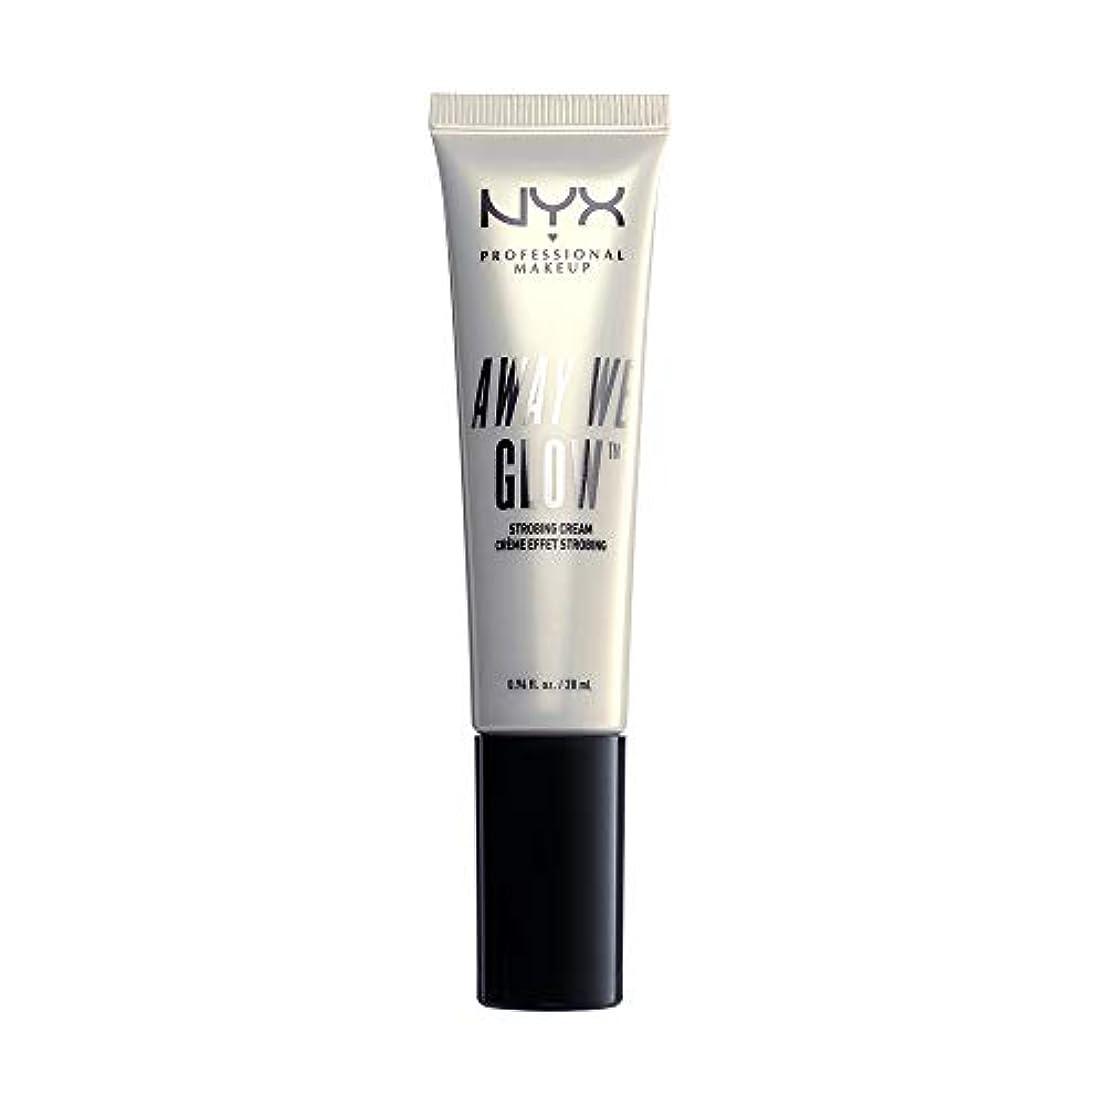 行効果的に慣れているNYX(ニックス) アウェイ ウィー グロー ストロビングクリーム 01 カラー ブライト スター